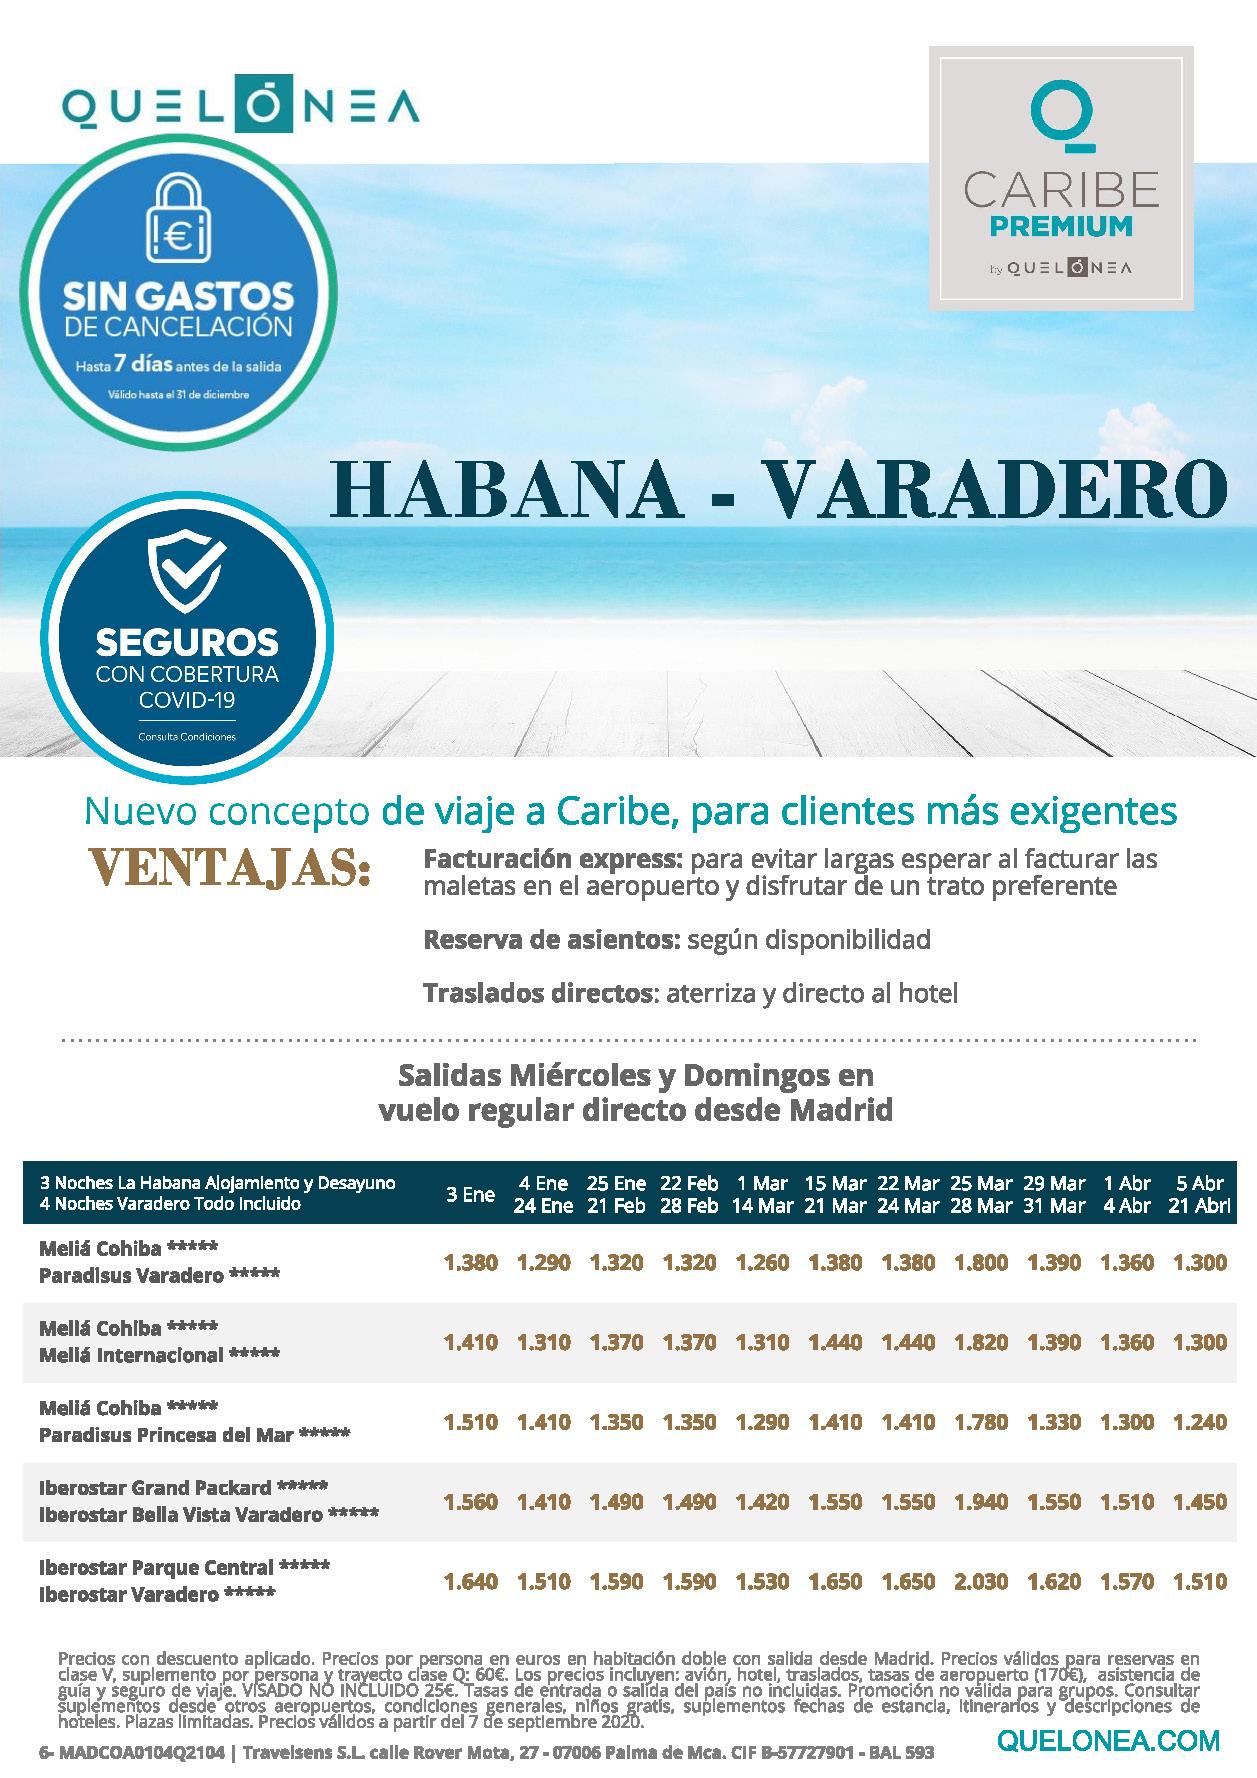 Oferta Quelonea Caribe Premium Habana-Varadero Enero a Abril 2021 vuelo directo desde Madrid